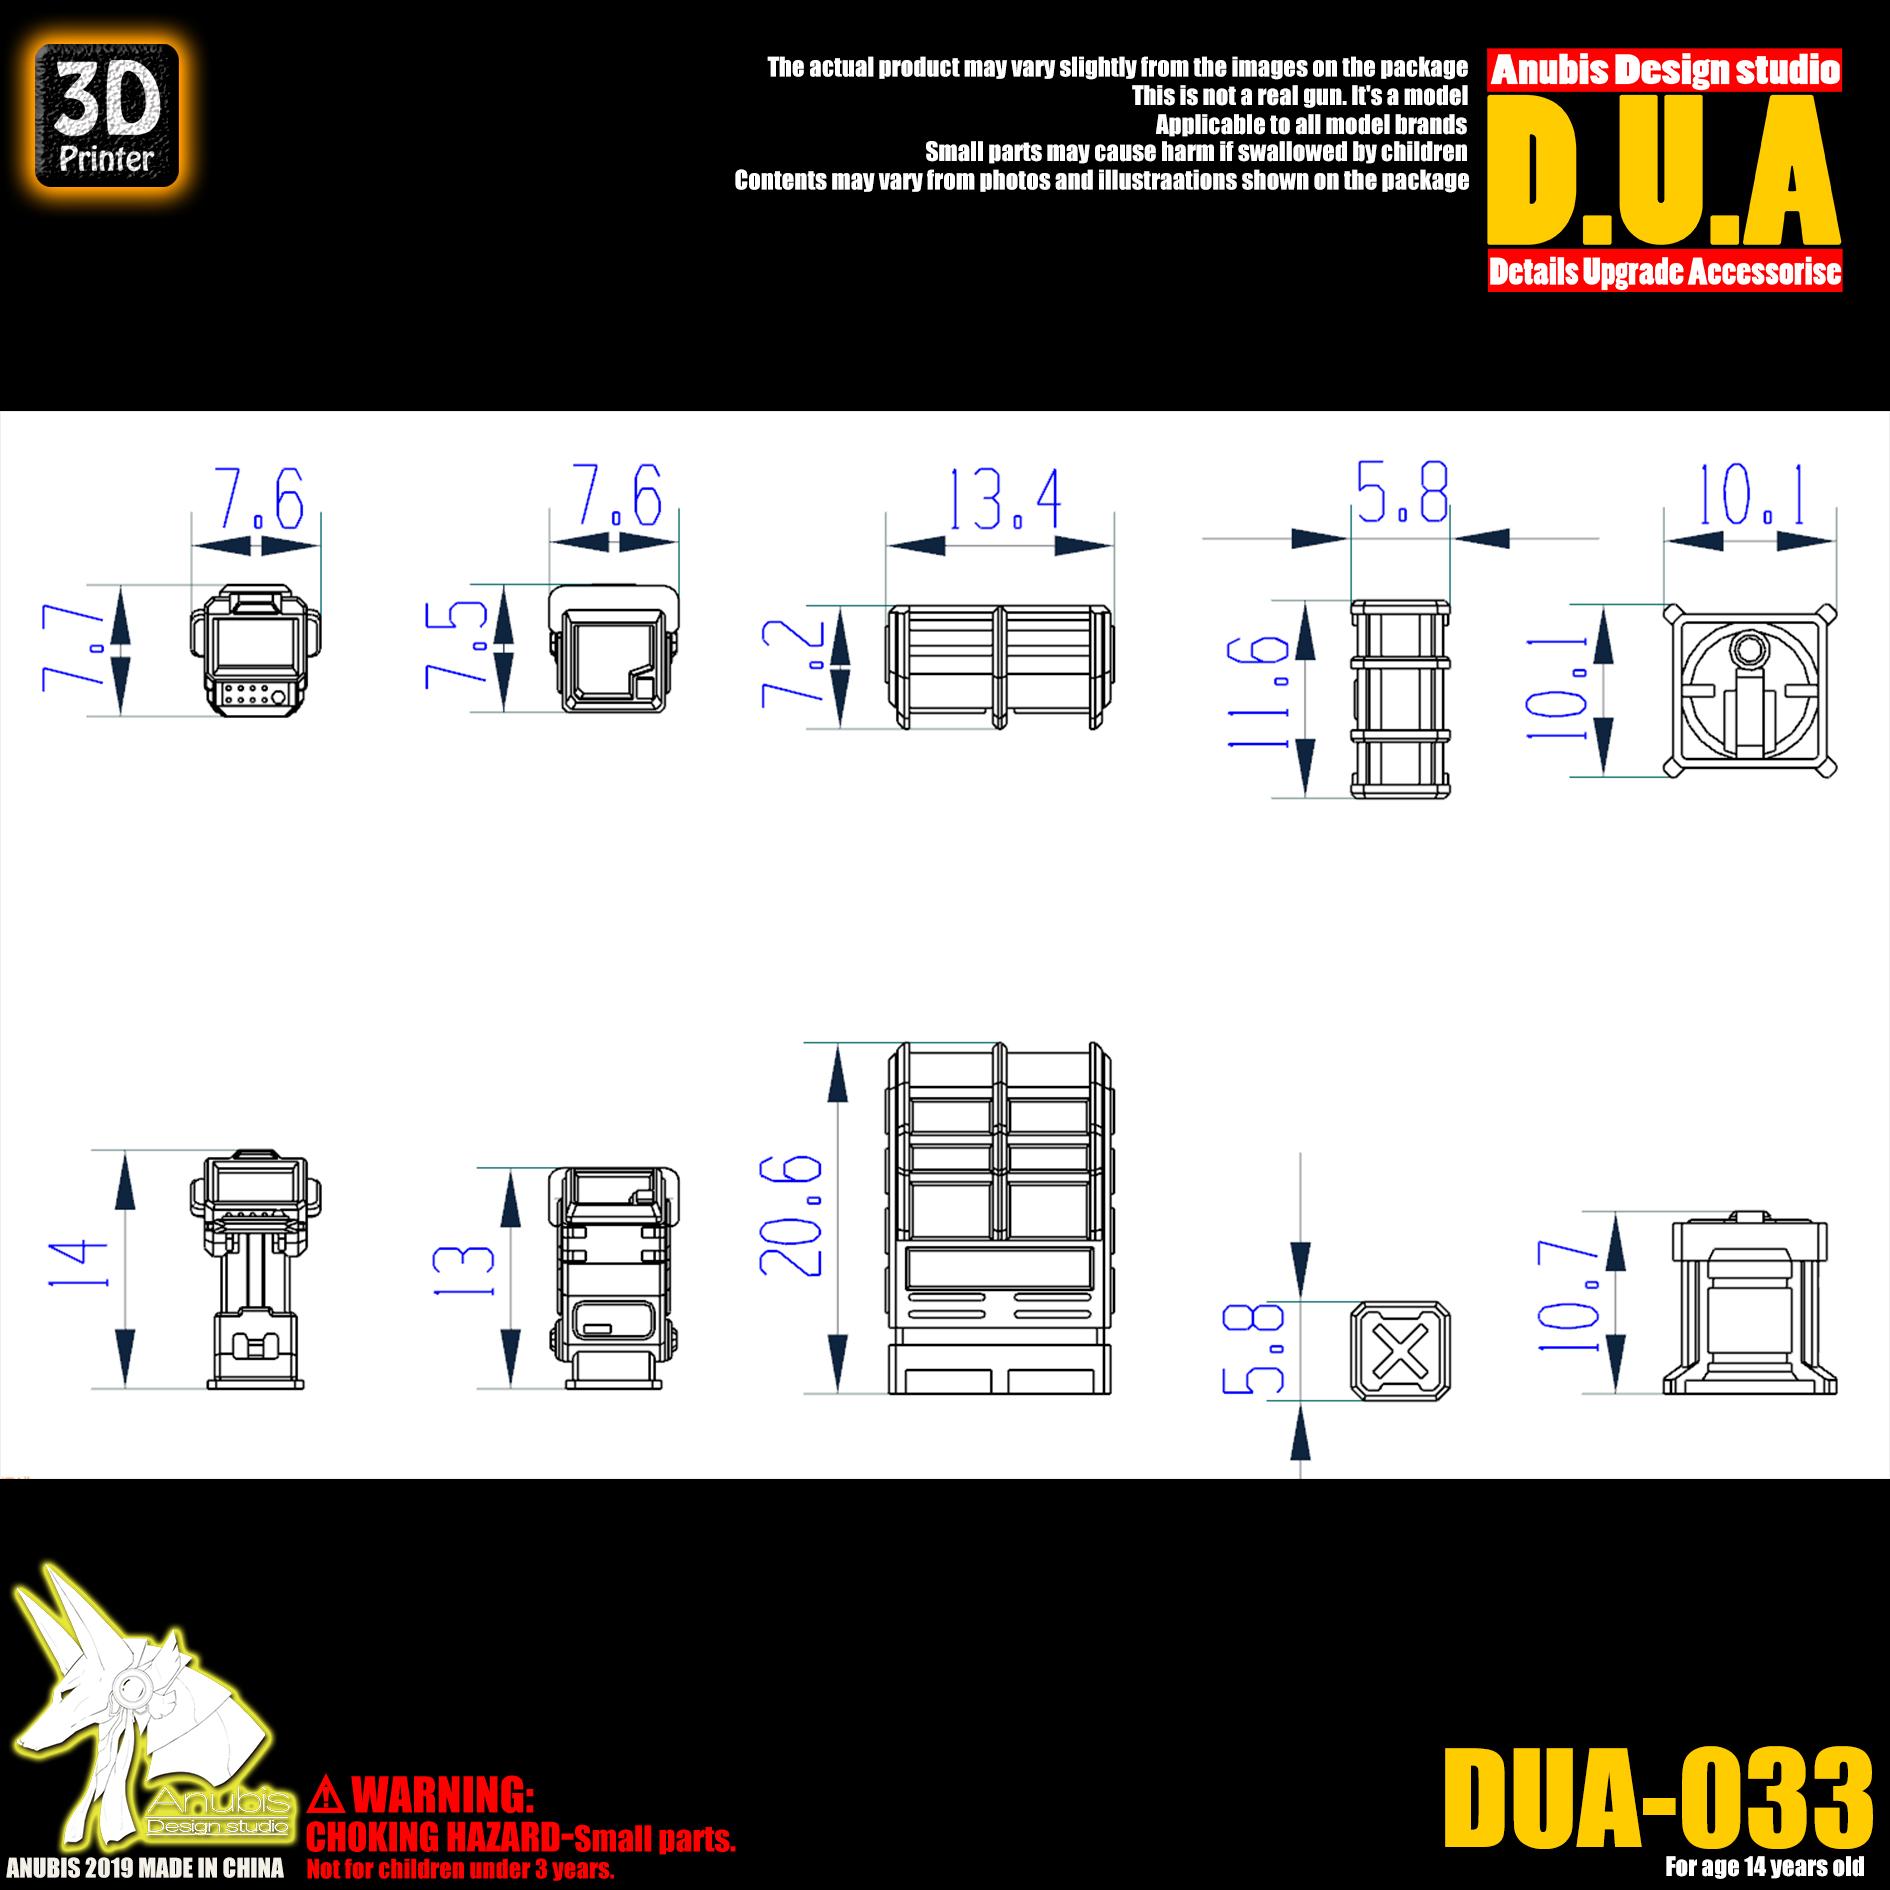 G413_DUA033_003.jpg